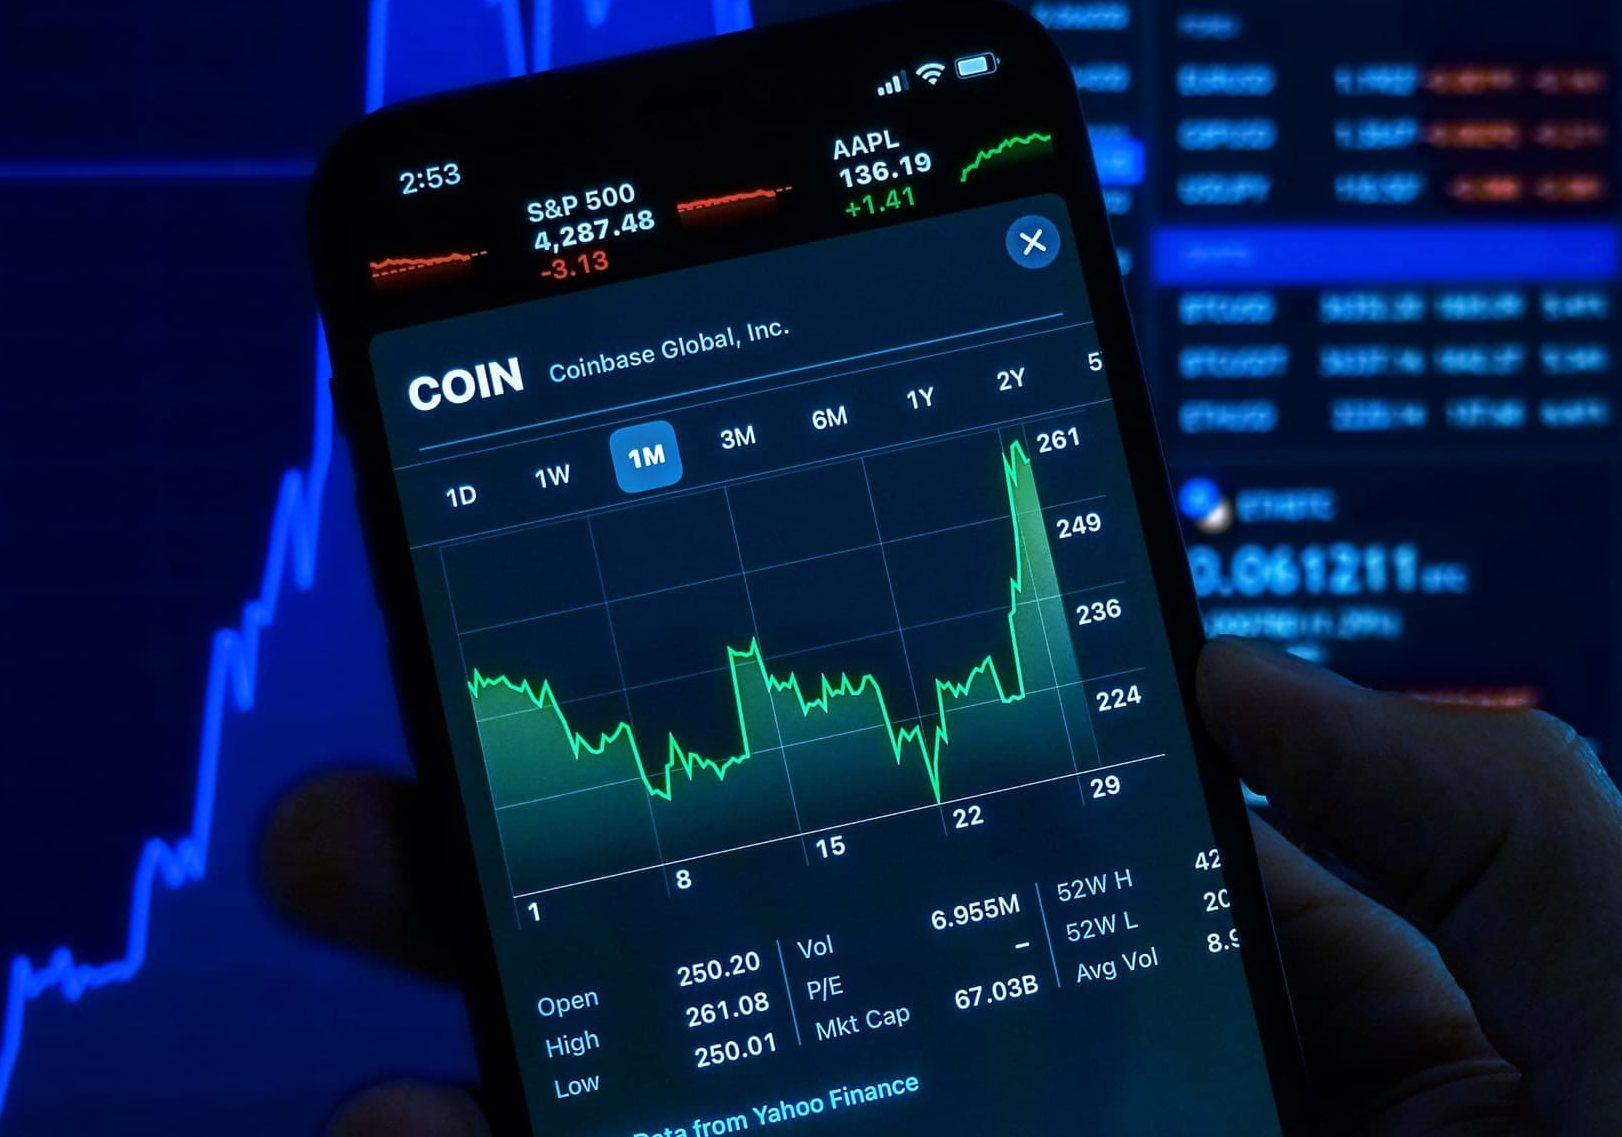 Precio de acciones de Coinbase suben tras acuerdo de patrocinio con NBA y alianza con Facebook